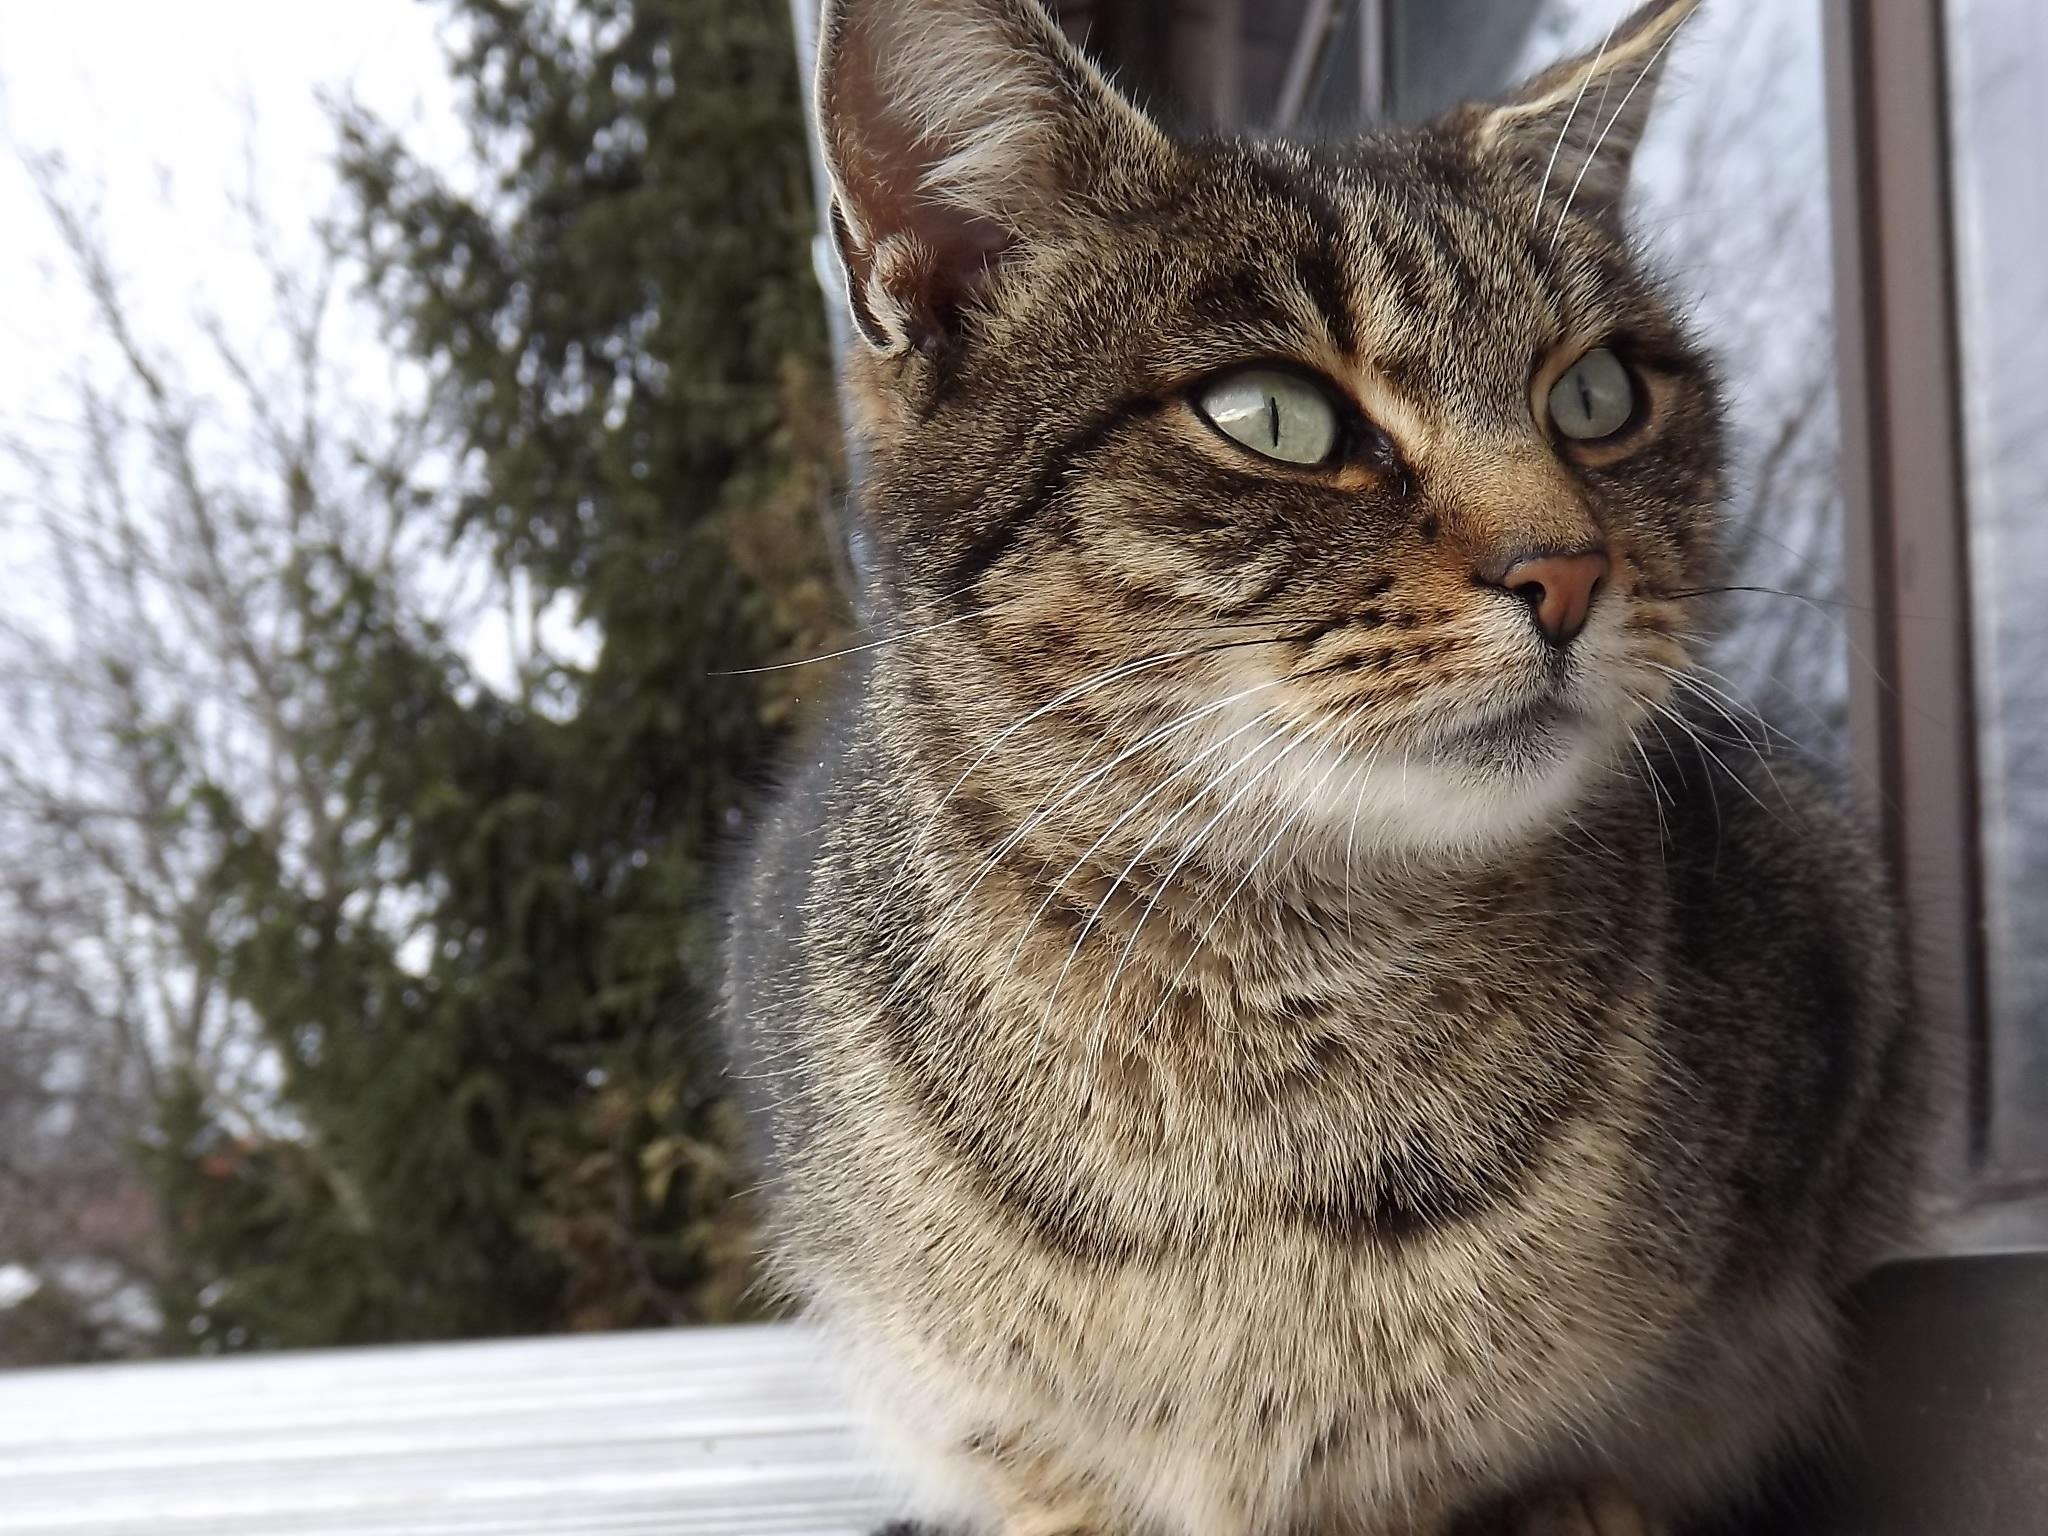 Darmowe Zdjęcia Zwierzę Uroczy Kotek Fauna Wąsy Kręgowiec